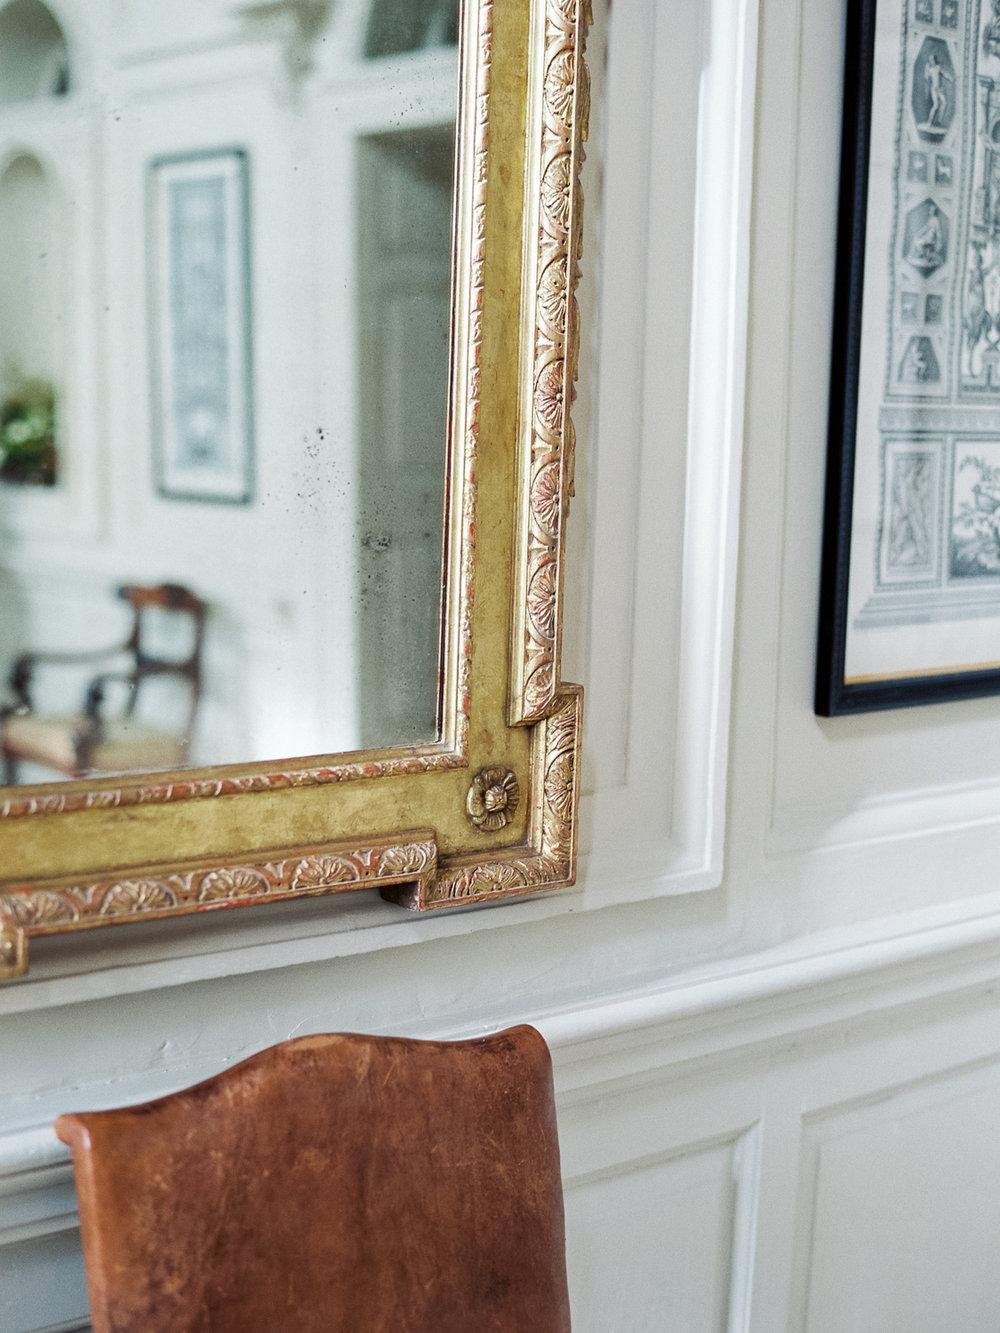 gold mirror - Gloster House in Brosna, Birr, Ireland